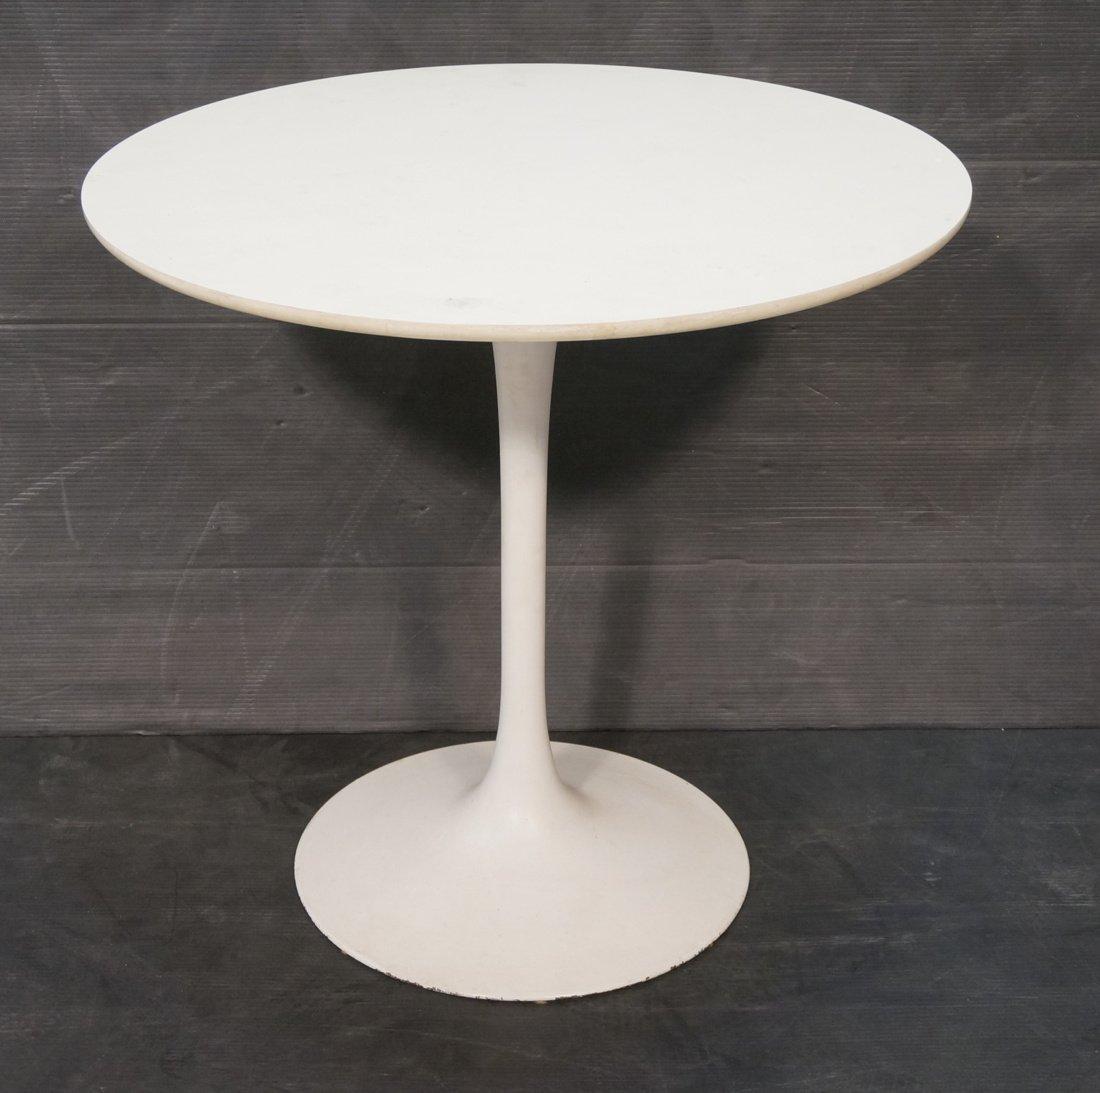 SAARINEN style Tulip Table. Round white laminate